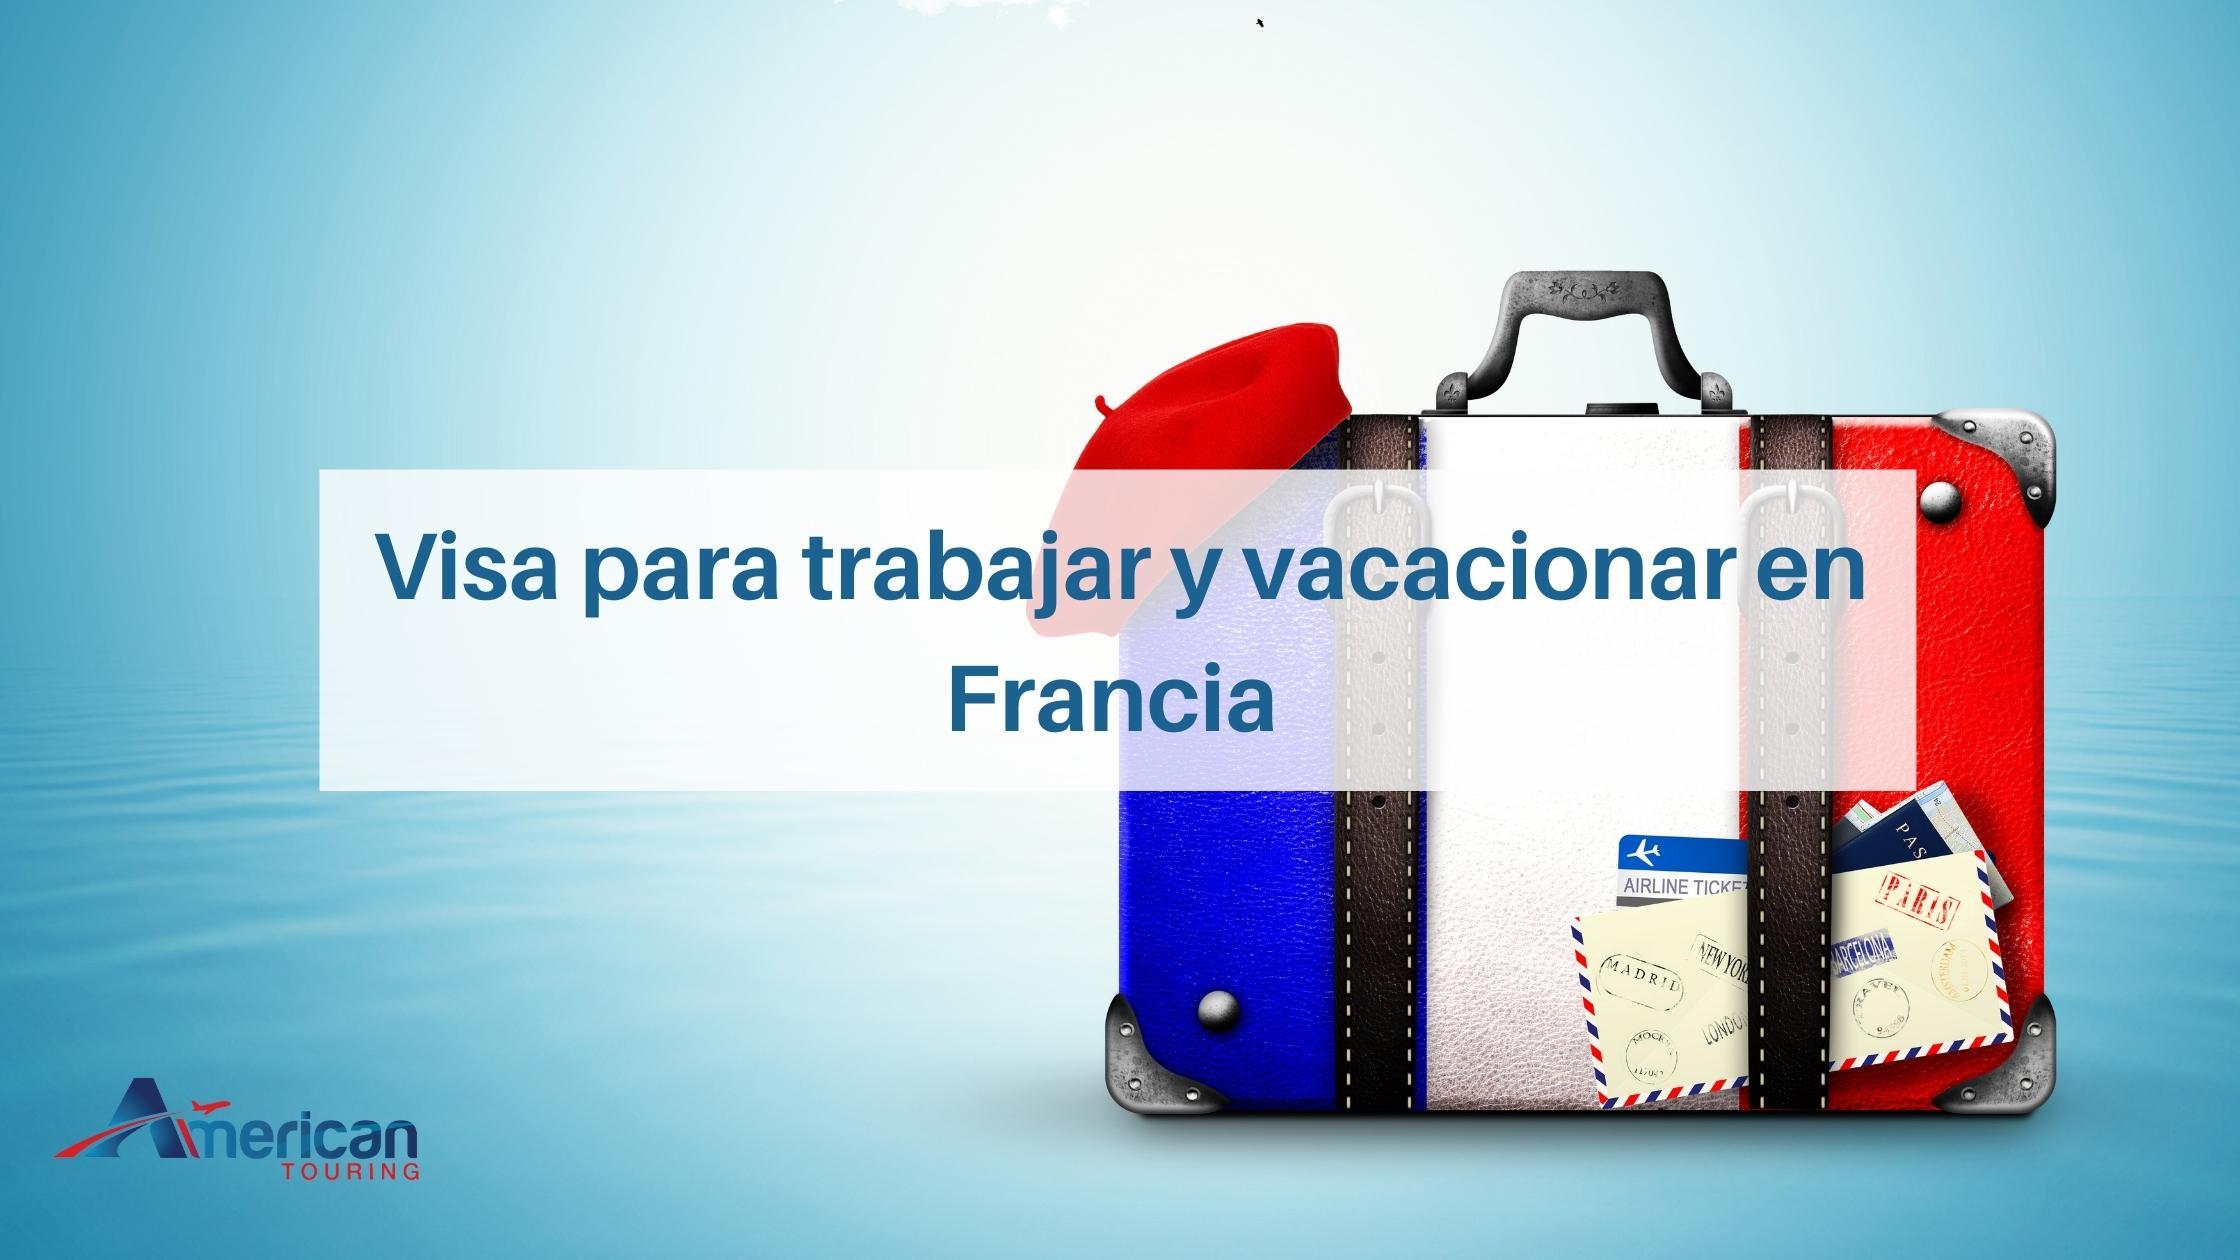 Visa para trabajar y vacacionar en Francia